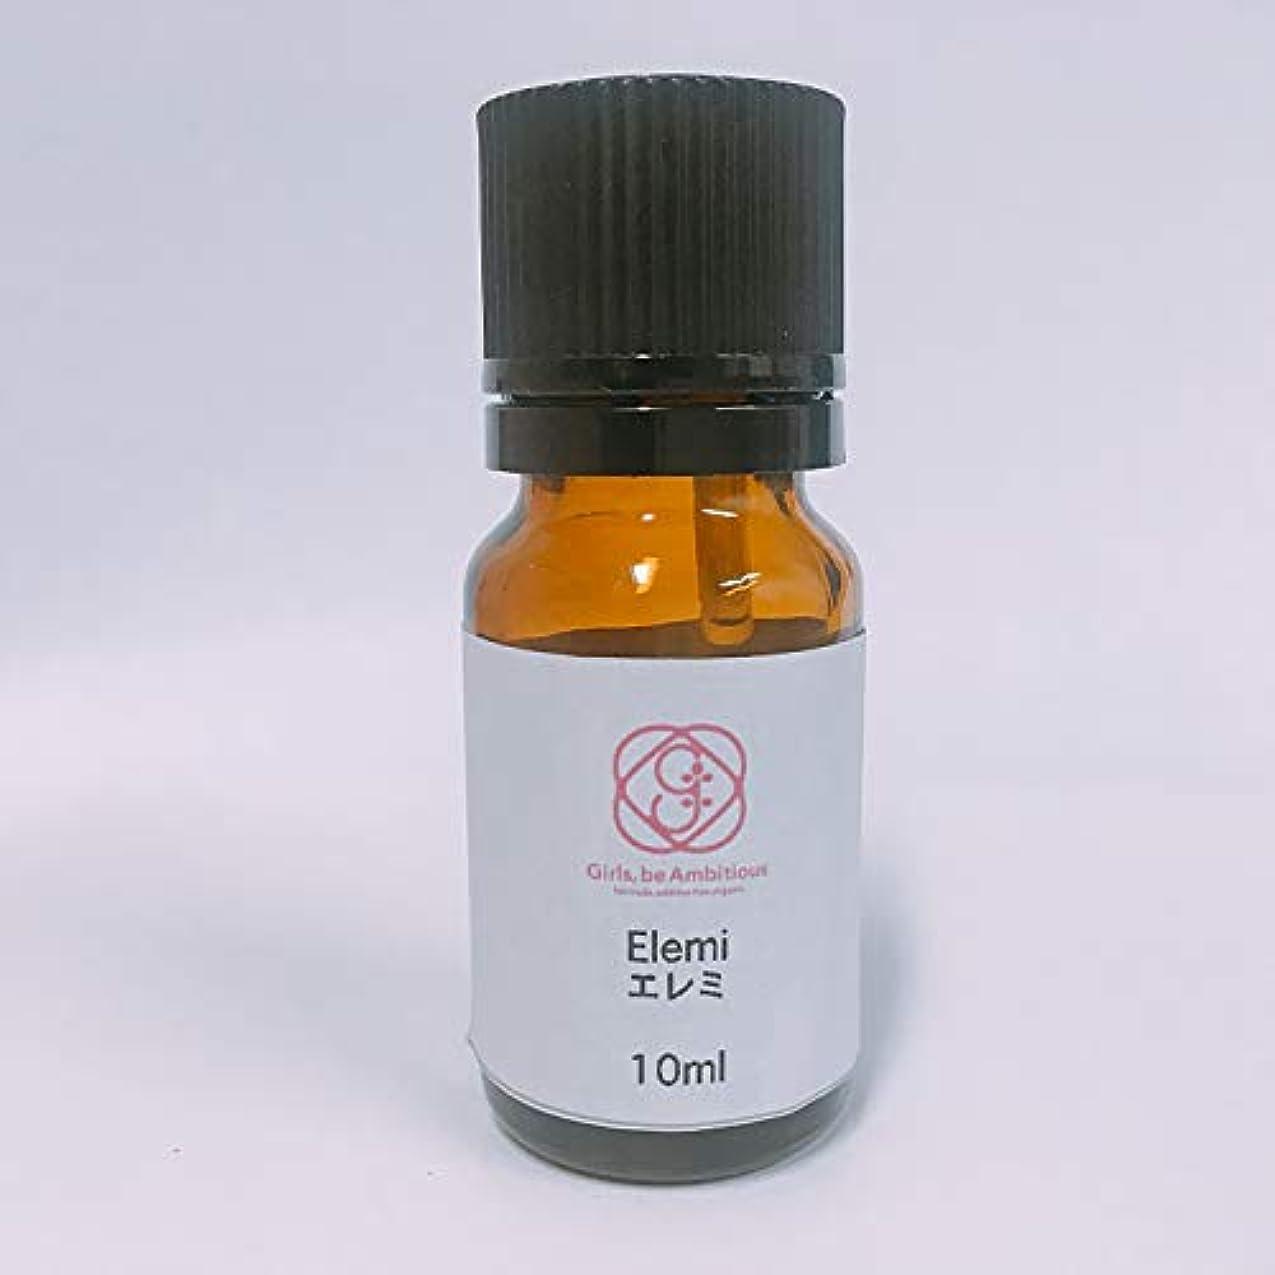 代表して有効なコジオスコエレミオイル(ELEMI OIL)10ml